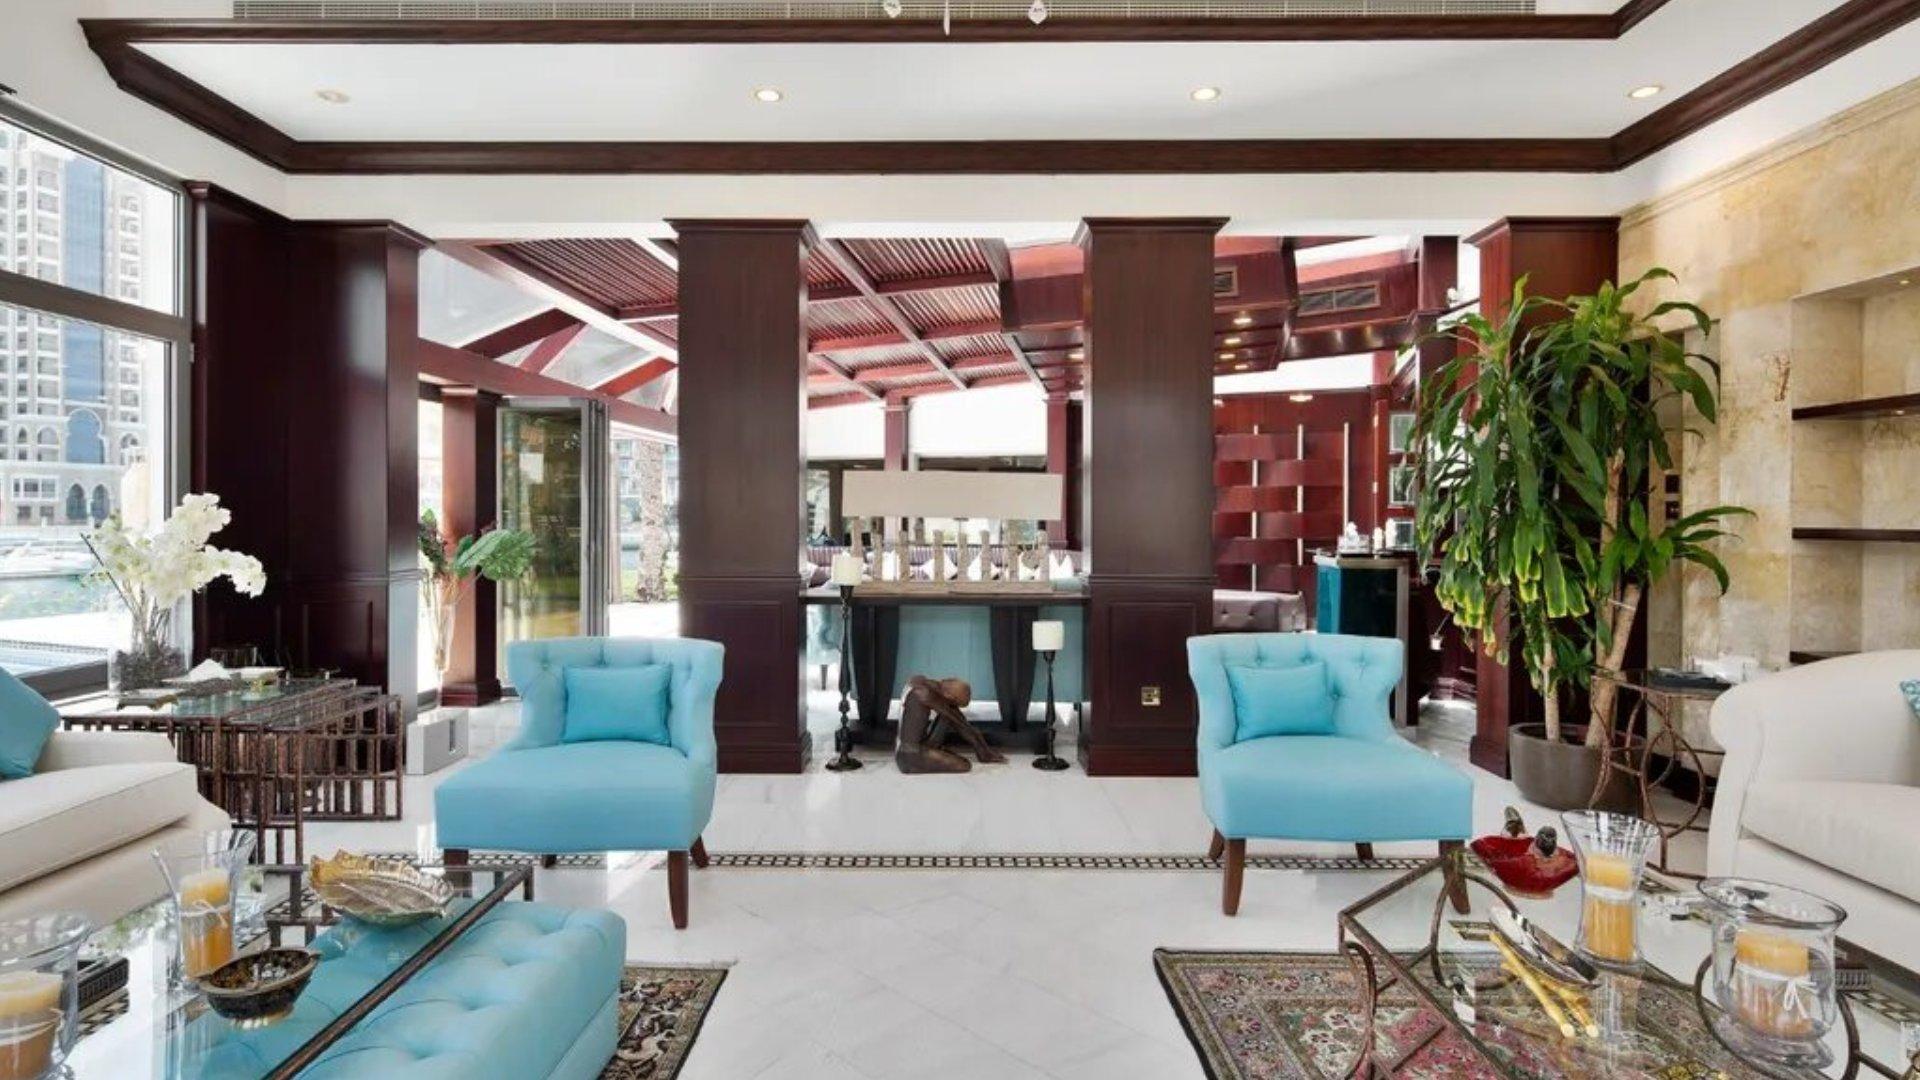 Villa en venta en Dubai, EAU, 6 dormitorios, 836 m2, № 24490 – foto 3